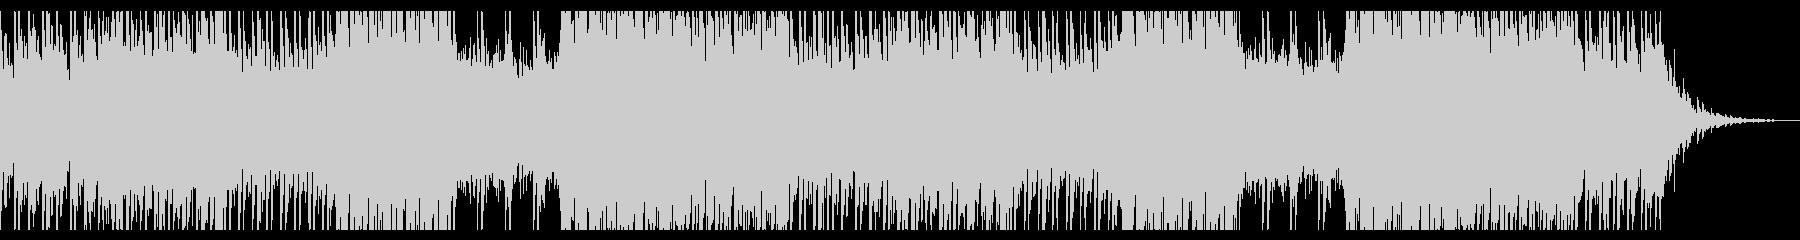 幻想的なピアノ/アンビエントの未再生の波形